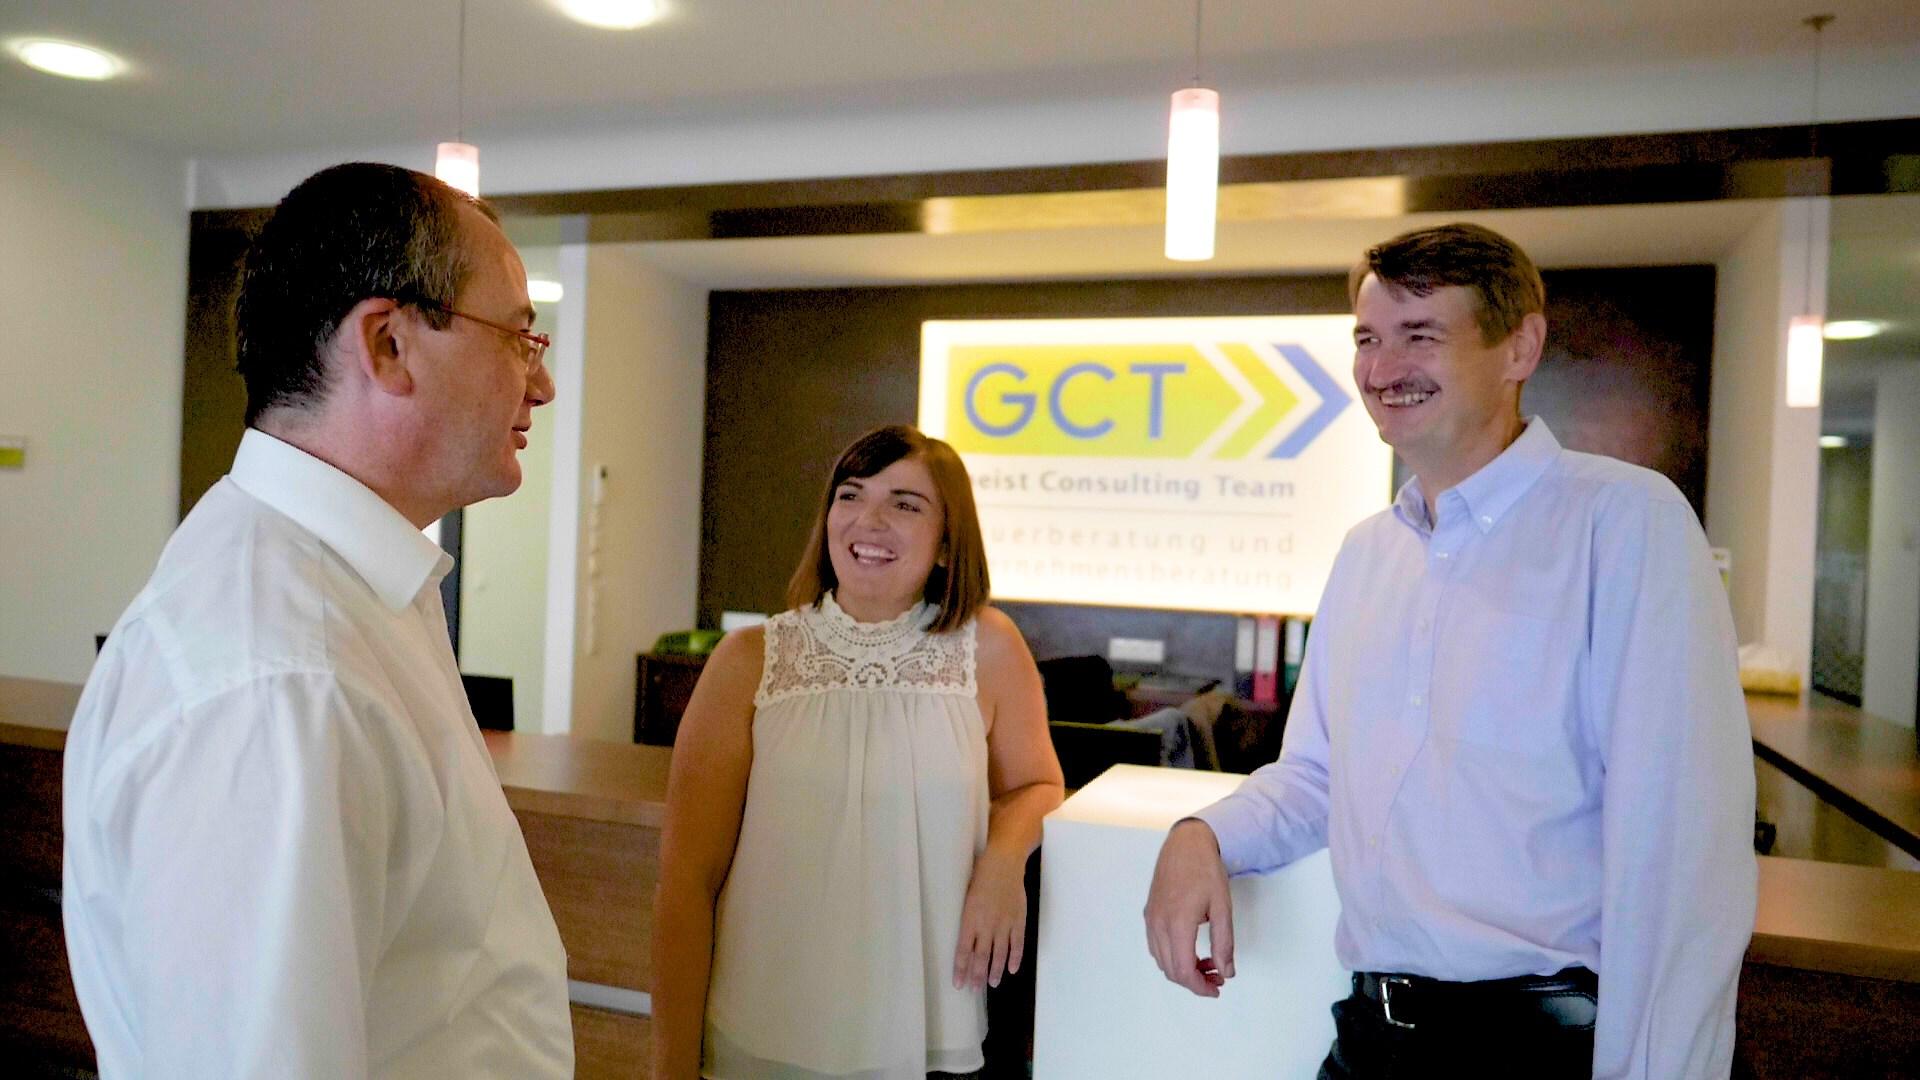 Foto Emfpangsbereich GCT mit Artner, Draskovits und Schlögl